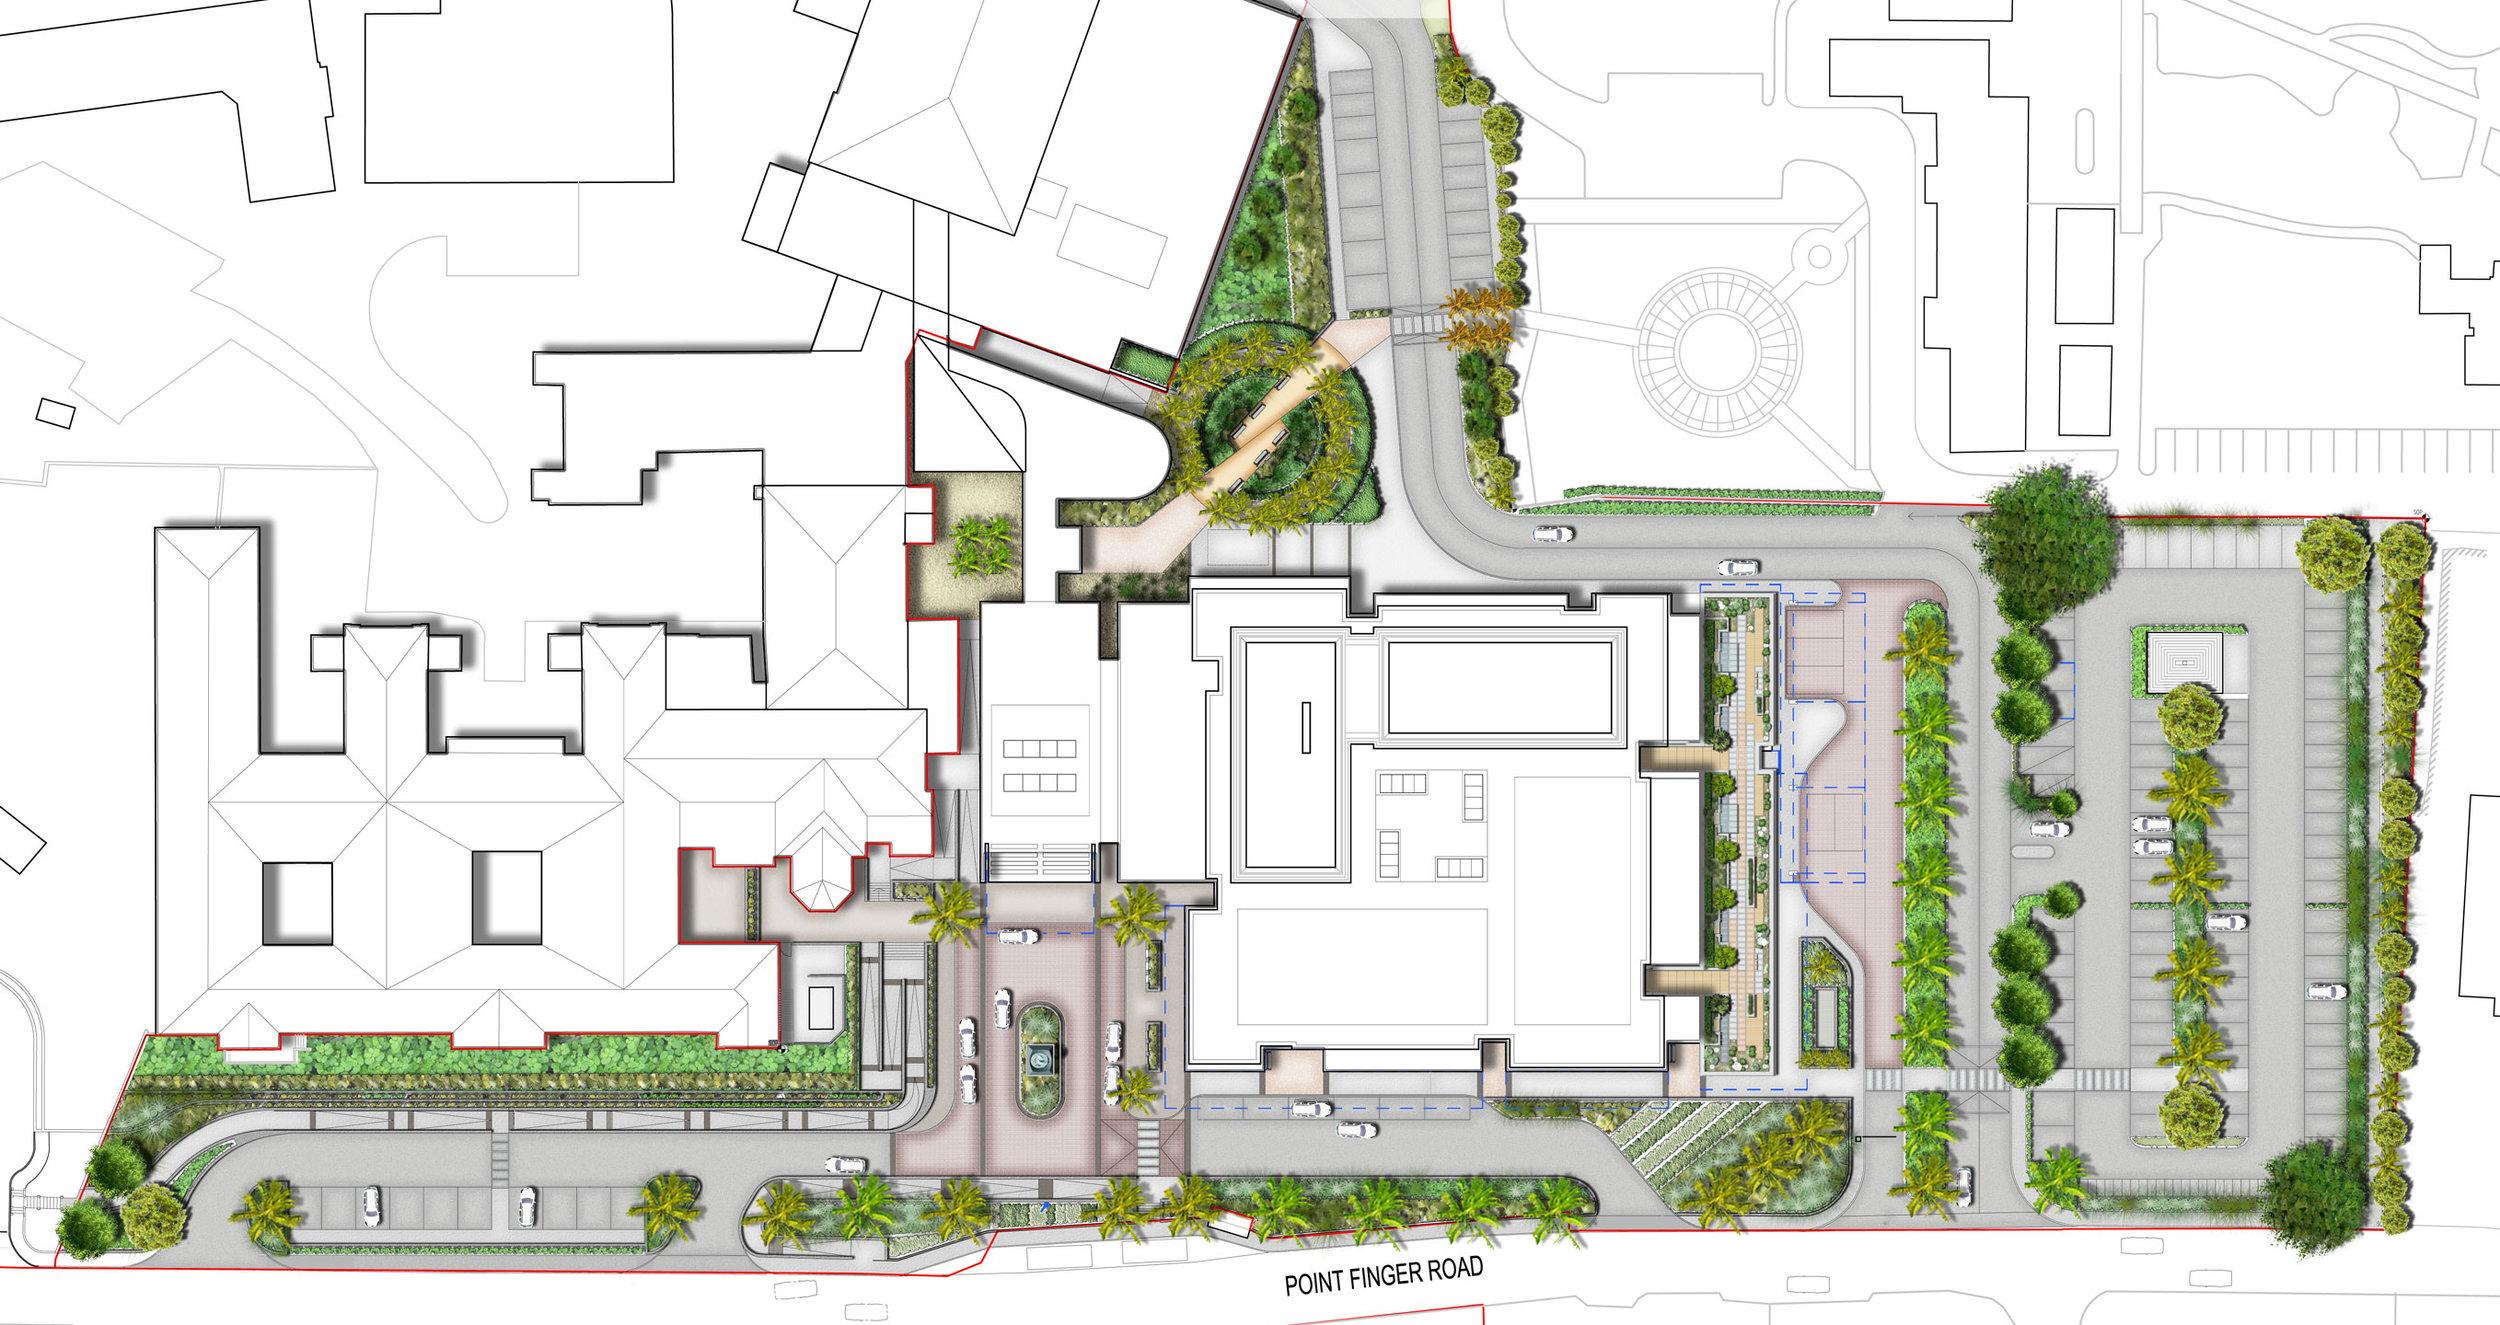 King Edward Memorial Hospital - Masterplan